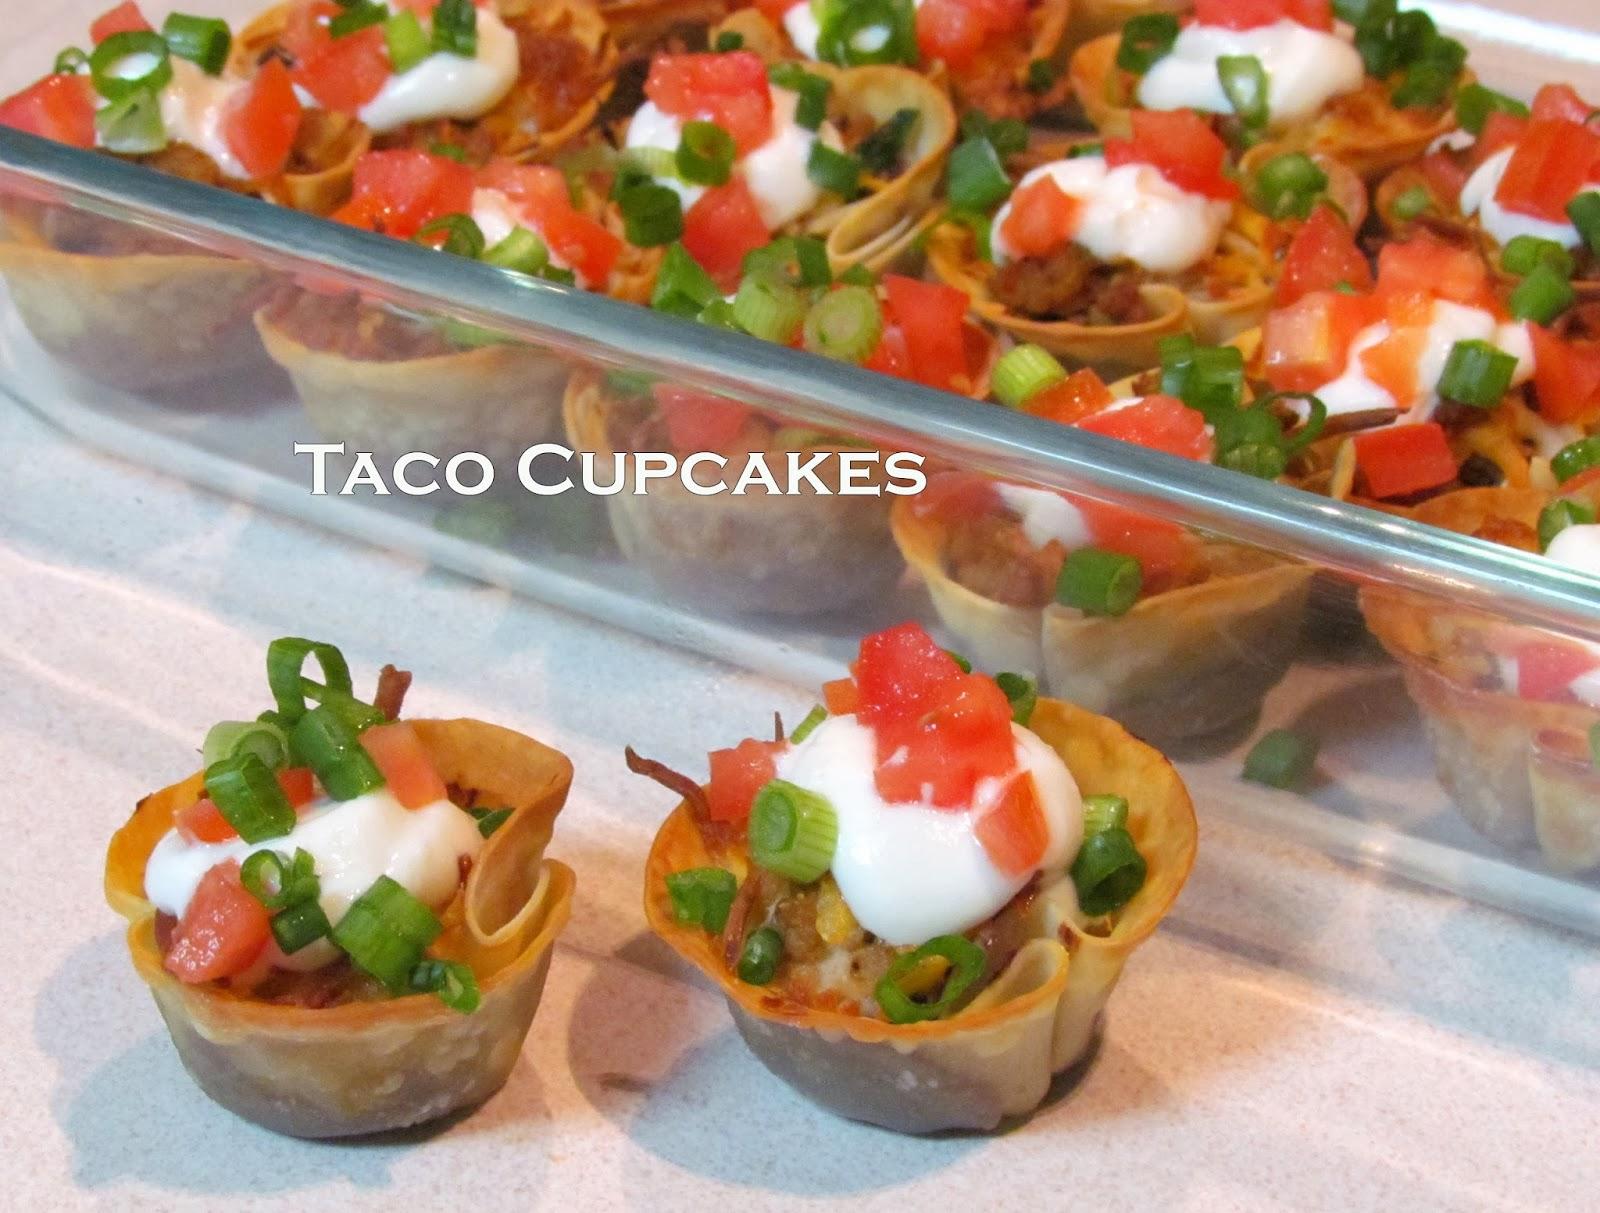 Getting Stuffed: Mini Taco Cupcakes